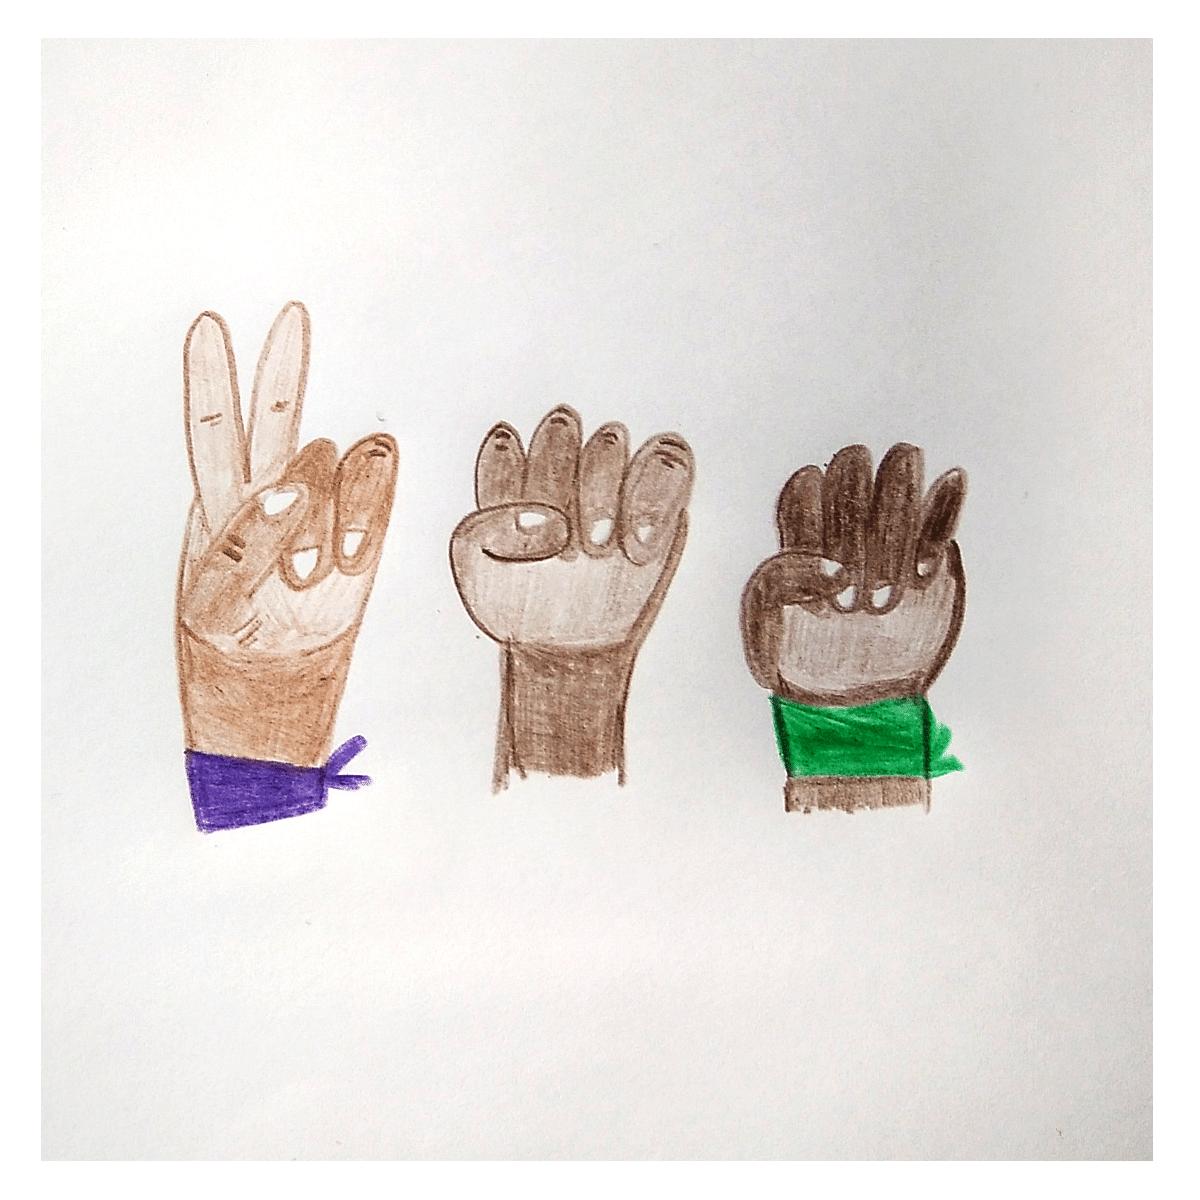 Tres manos con puños de distintos tonos de piel